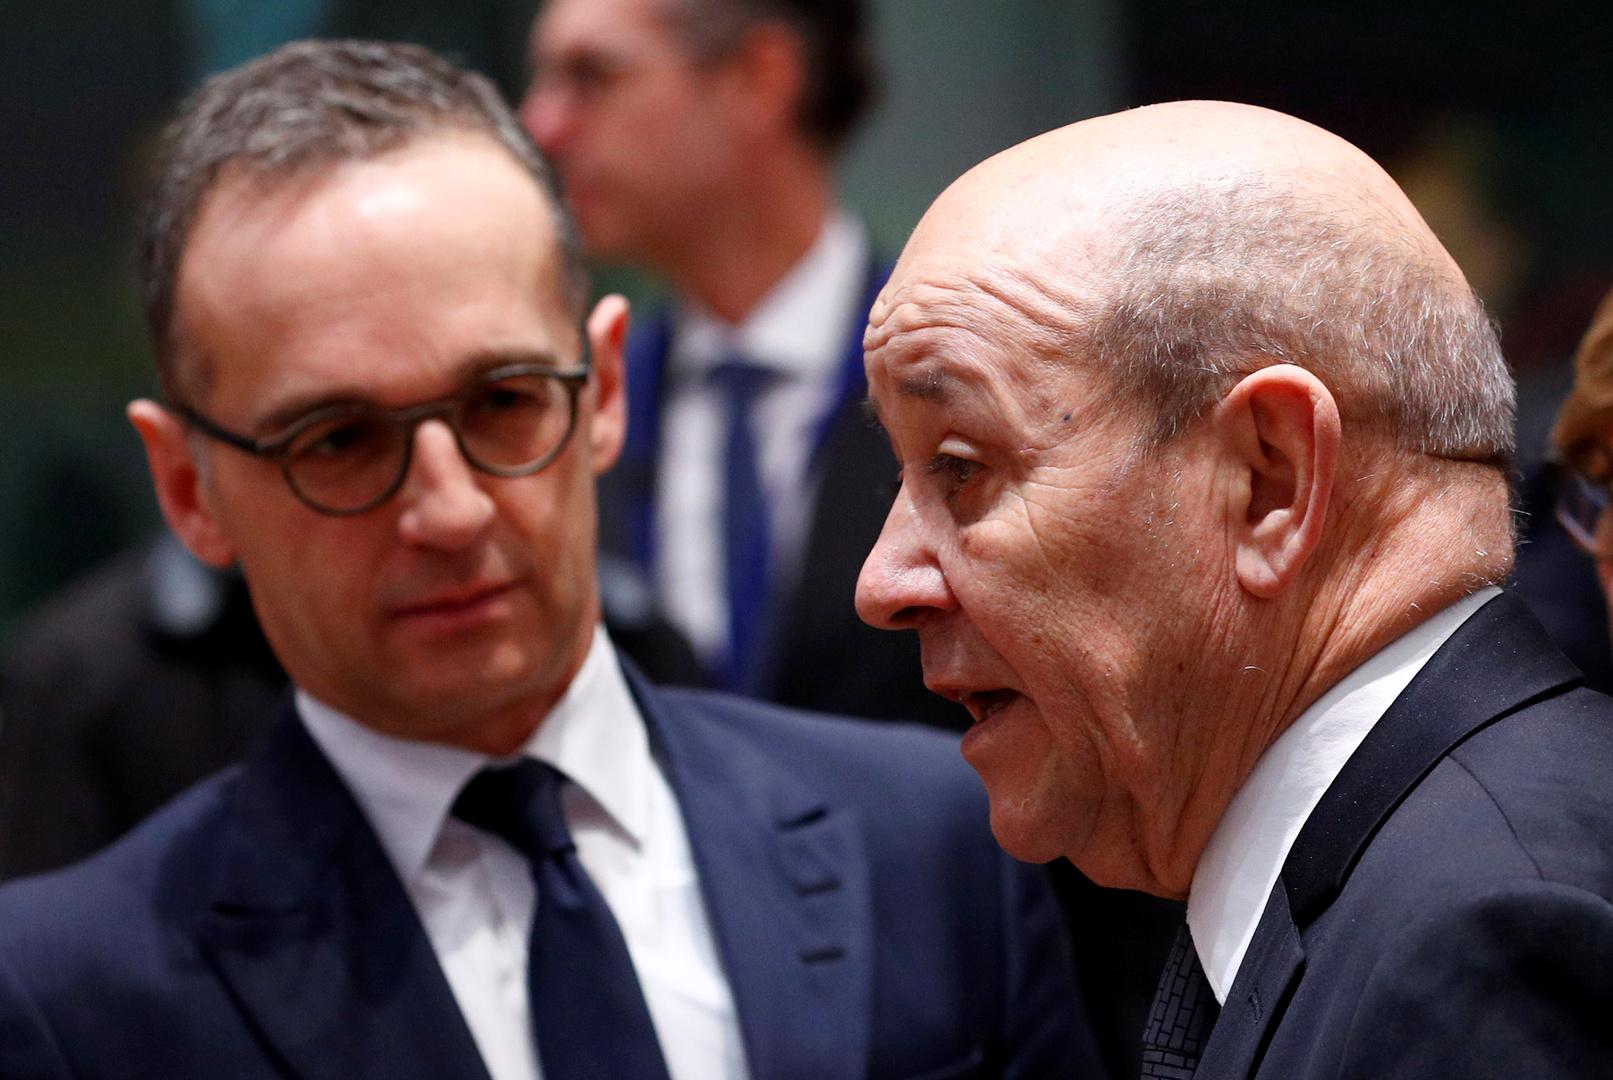 وزيرا الخارجية الفرنسي، جان إيف لودريان، والألماني، هايكو ماس